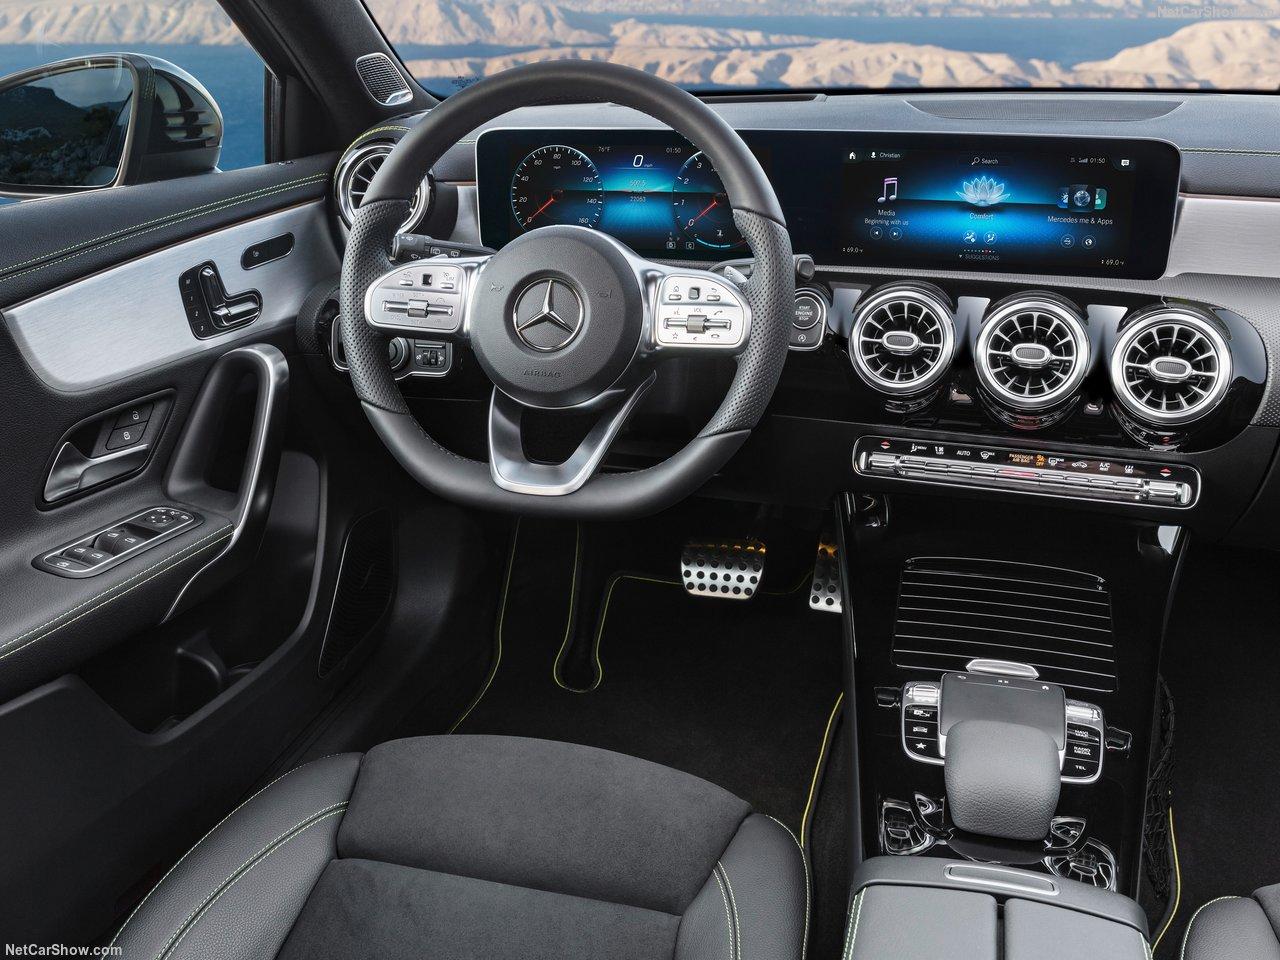 Mercedes-Benz-A-Class-2019-1280-2d_201808190935316c5.jpg